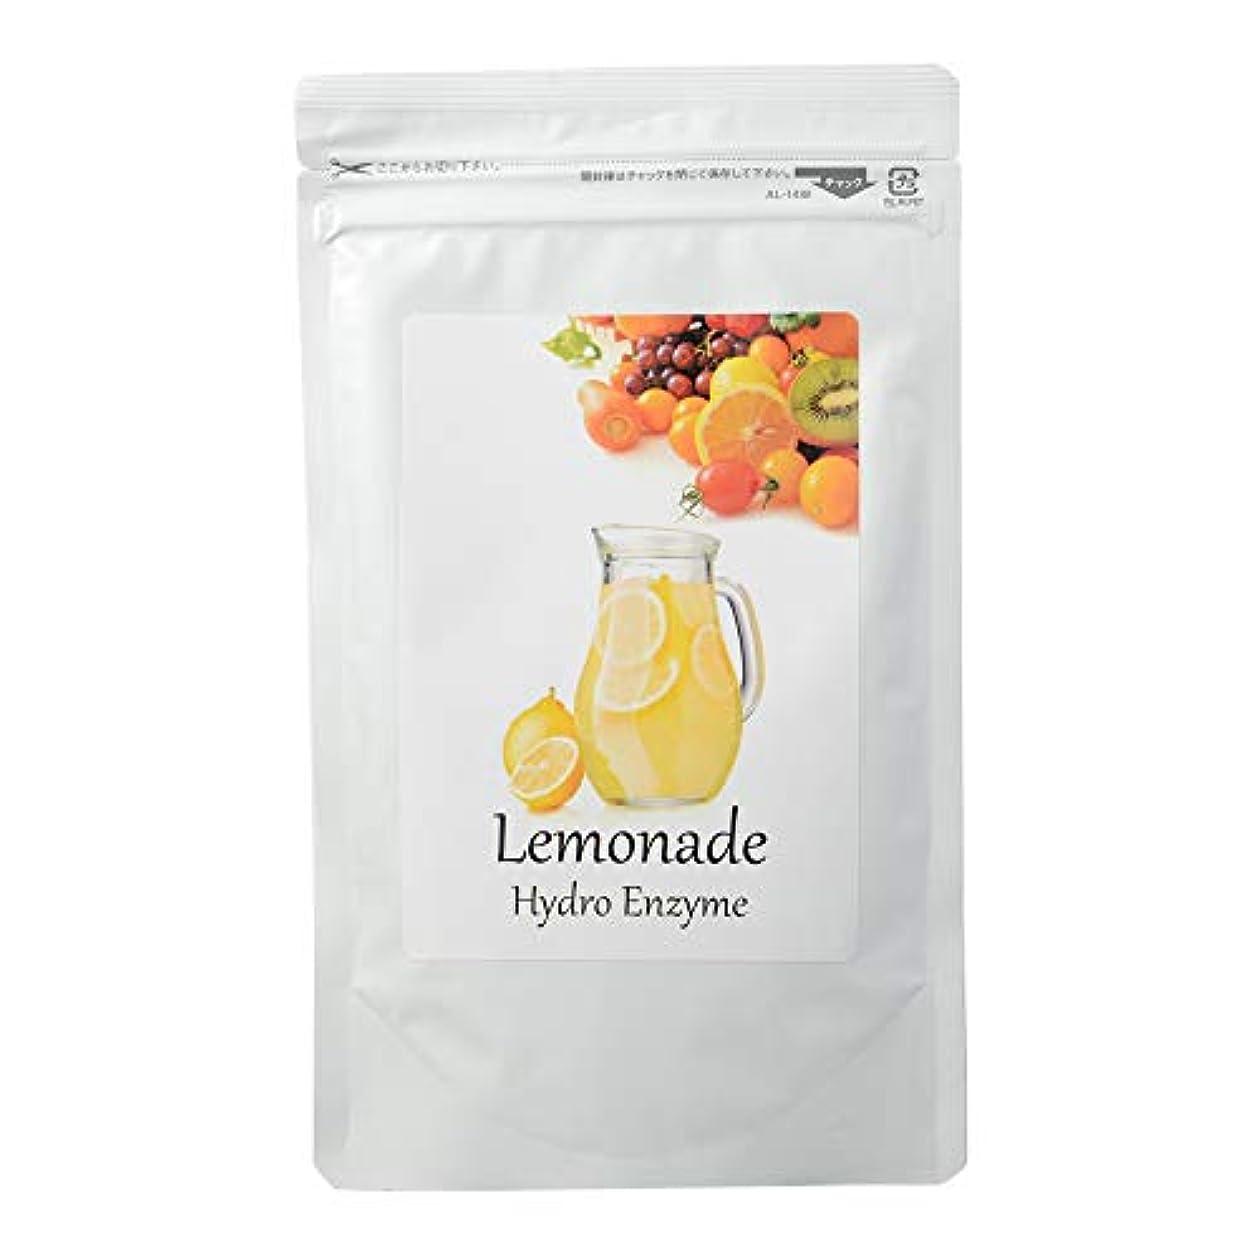 フルートについてプットLemonade Hydro Enzyme (ダイエット ドリンク) レモネード 水素エンザイムダイエット 健康飲料 専用スプーン付 [内容量150g /説明書付き]